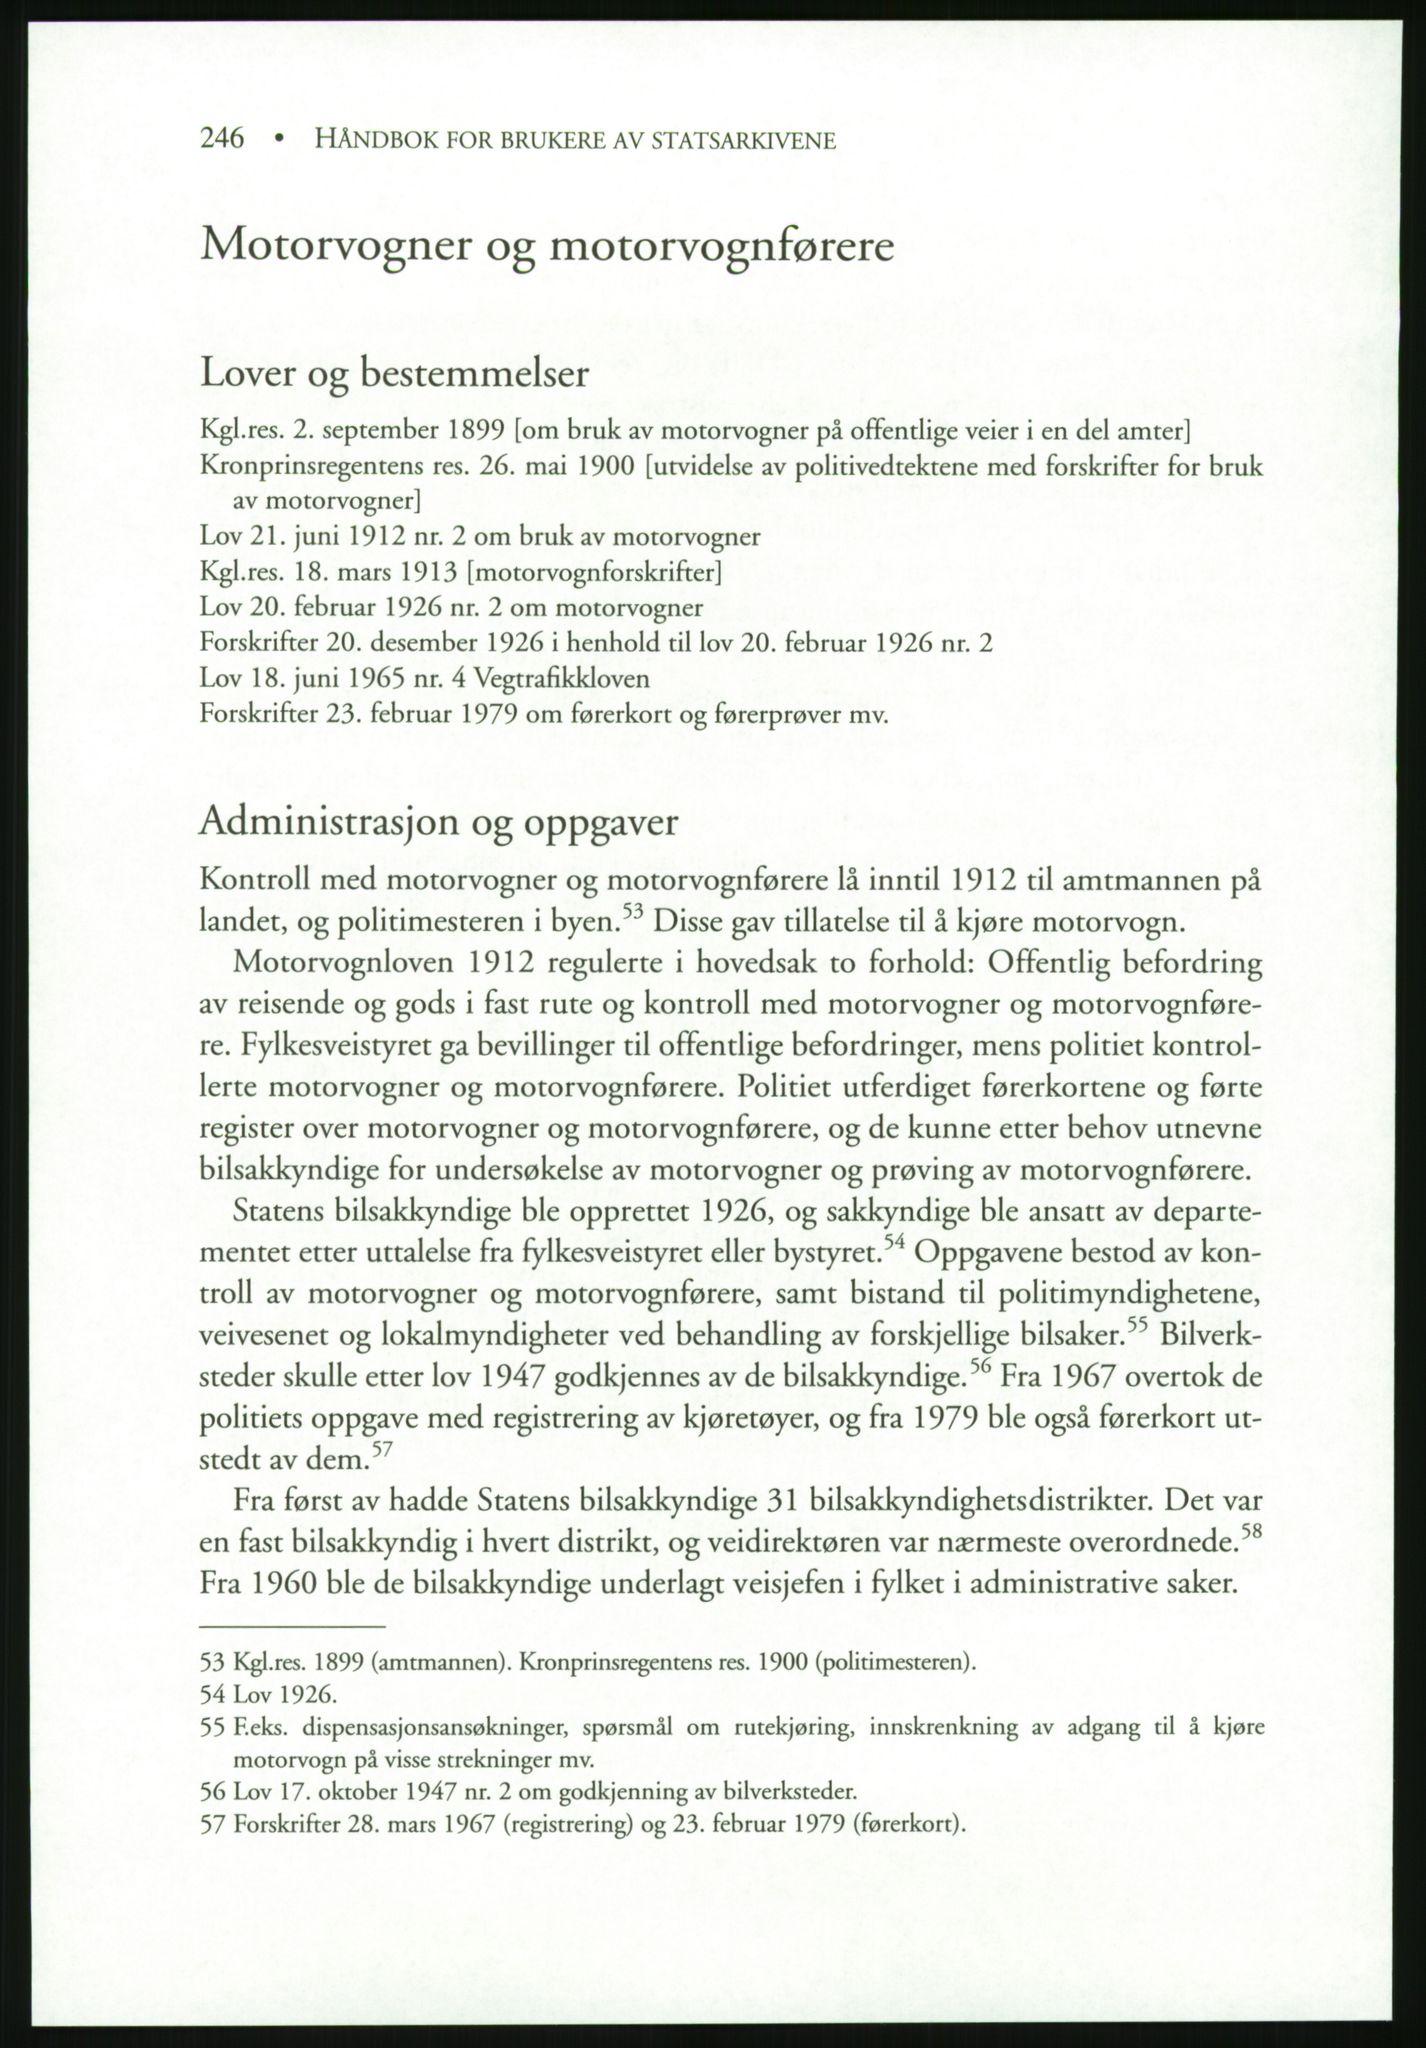 PUBL, Publikasjoner utgitt av Arkivverket, -/19: Liv Mykland: Håndbok for brukere av statsarkivene (2005), 2005, s. 246